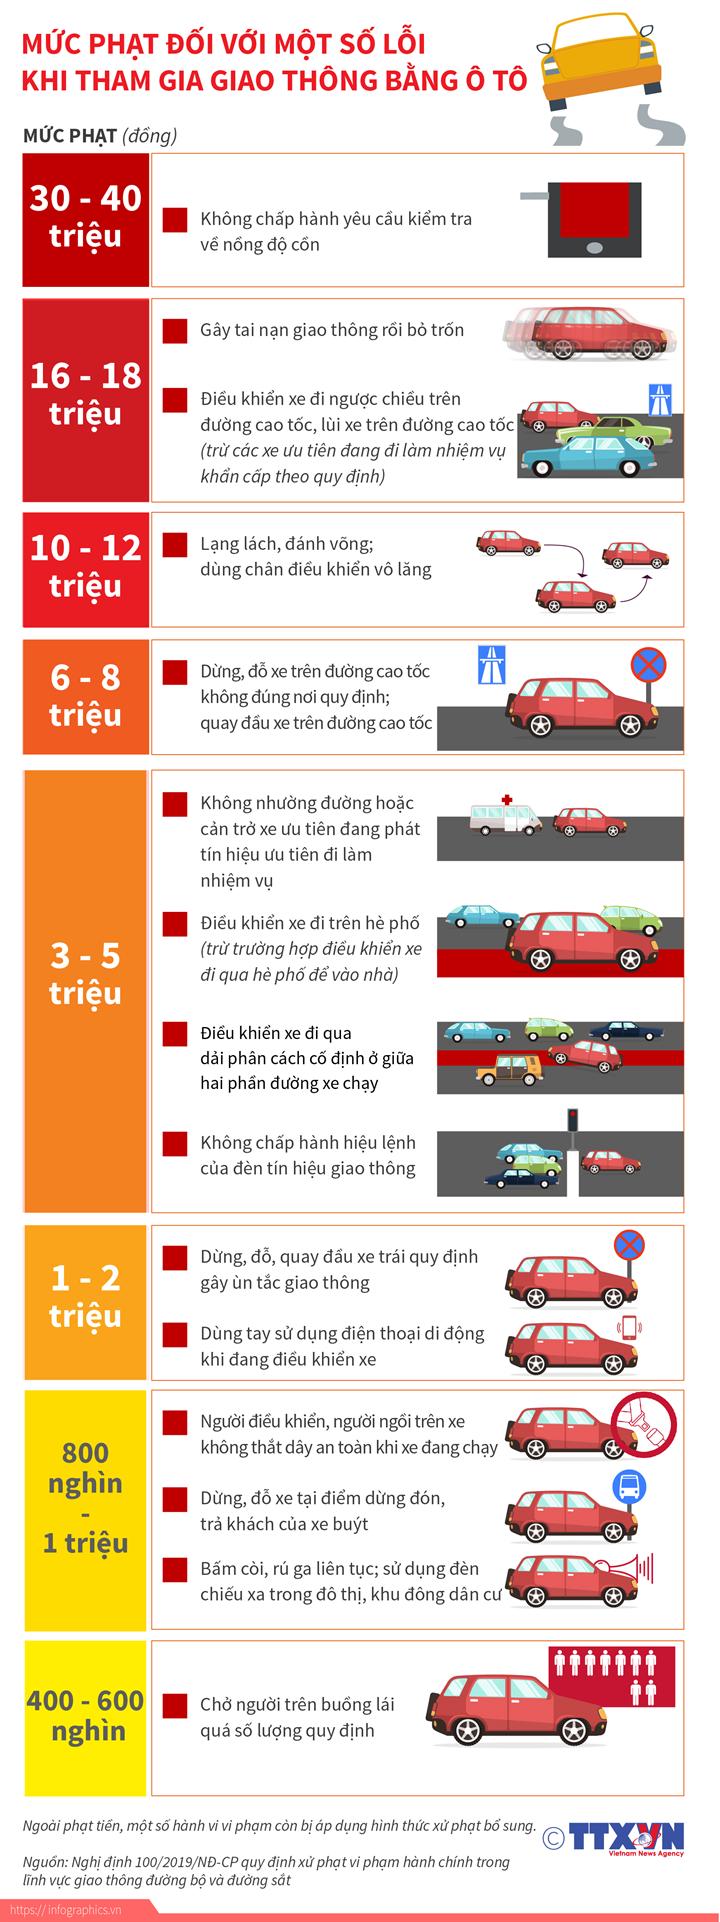 Mức phạt tiền đối với một số lỗi khi tham gia giao thông bằng ô tô